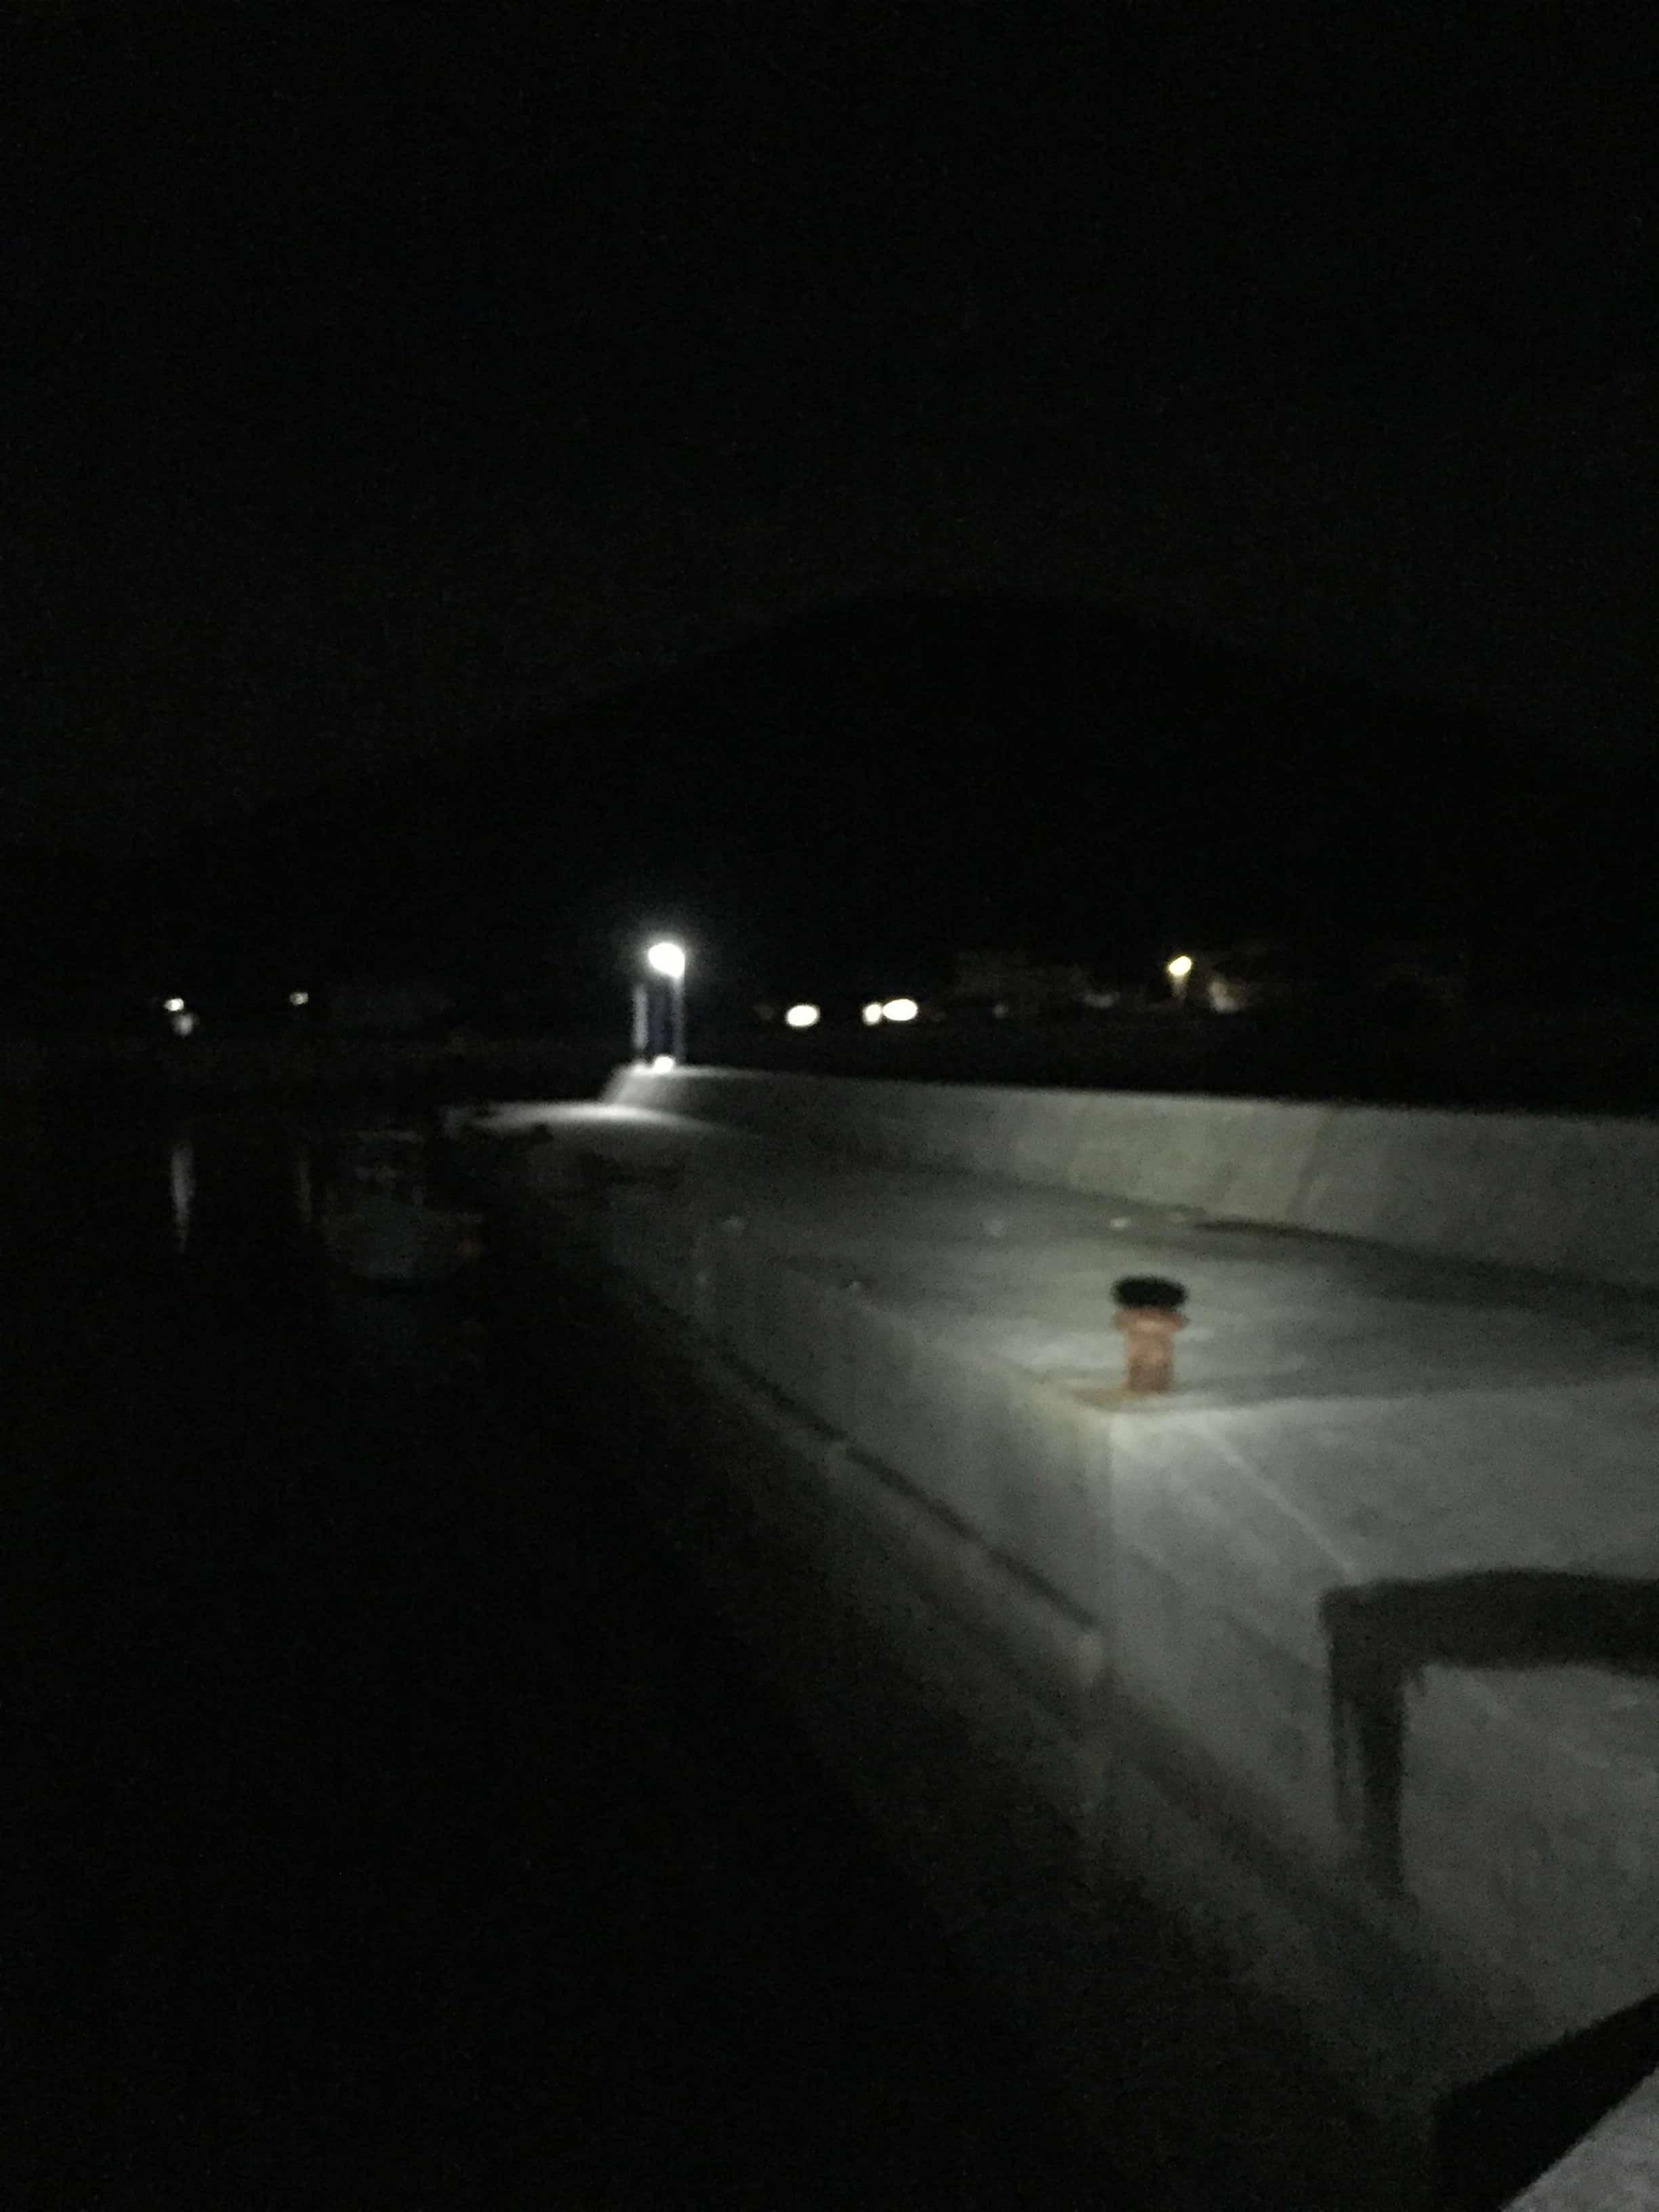 比井漁港の釣り場紹介、和歌山県中紀の常夜灯でナイトエギングのできるオススメの静かな漁港